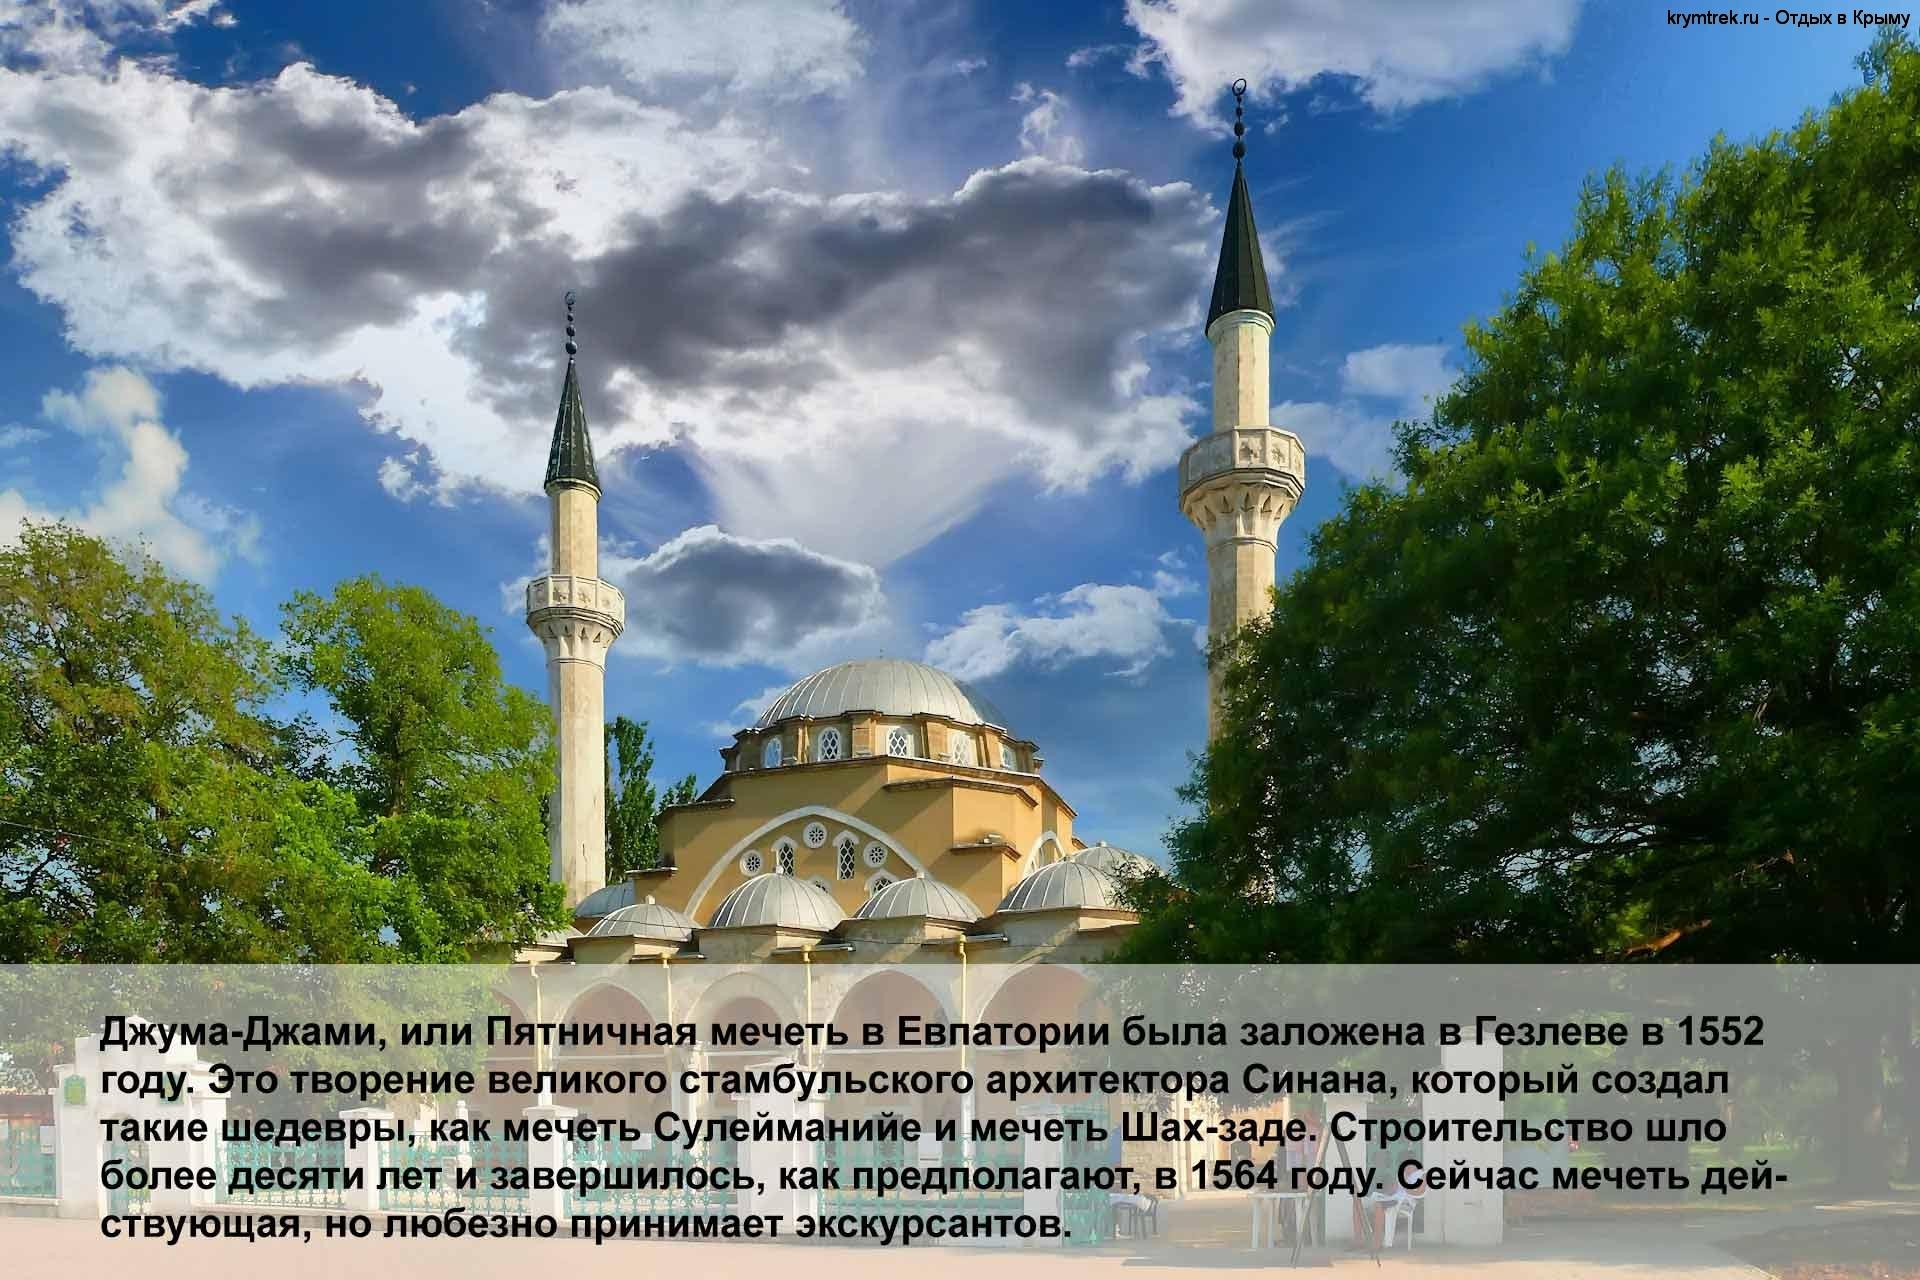 Джума-Джами, или Пятничная мечеть в Евпатории была заложена в Гезлеве в 1552 году. Это творение великого стамбульского архитектора Синана, который создал такие шедевры, как мечеть Сулейманийе и мечеть Шах-заде. Строительство шло более десяти лет и завершилось, как предполагают, в 1564 году. Сейчас мечеть действующая, но любезно принимает экскурсантов.